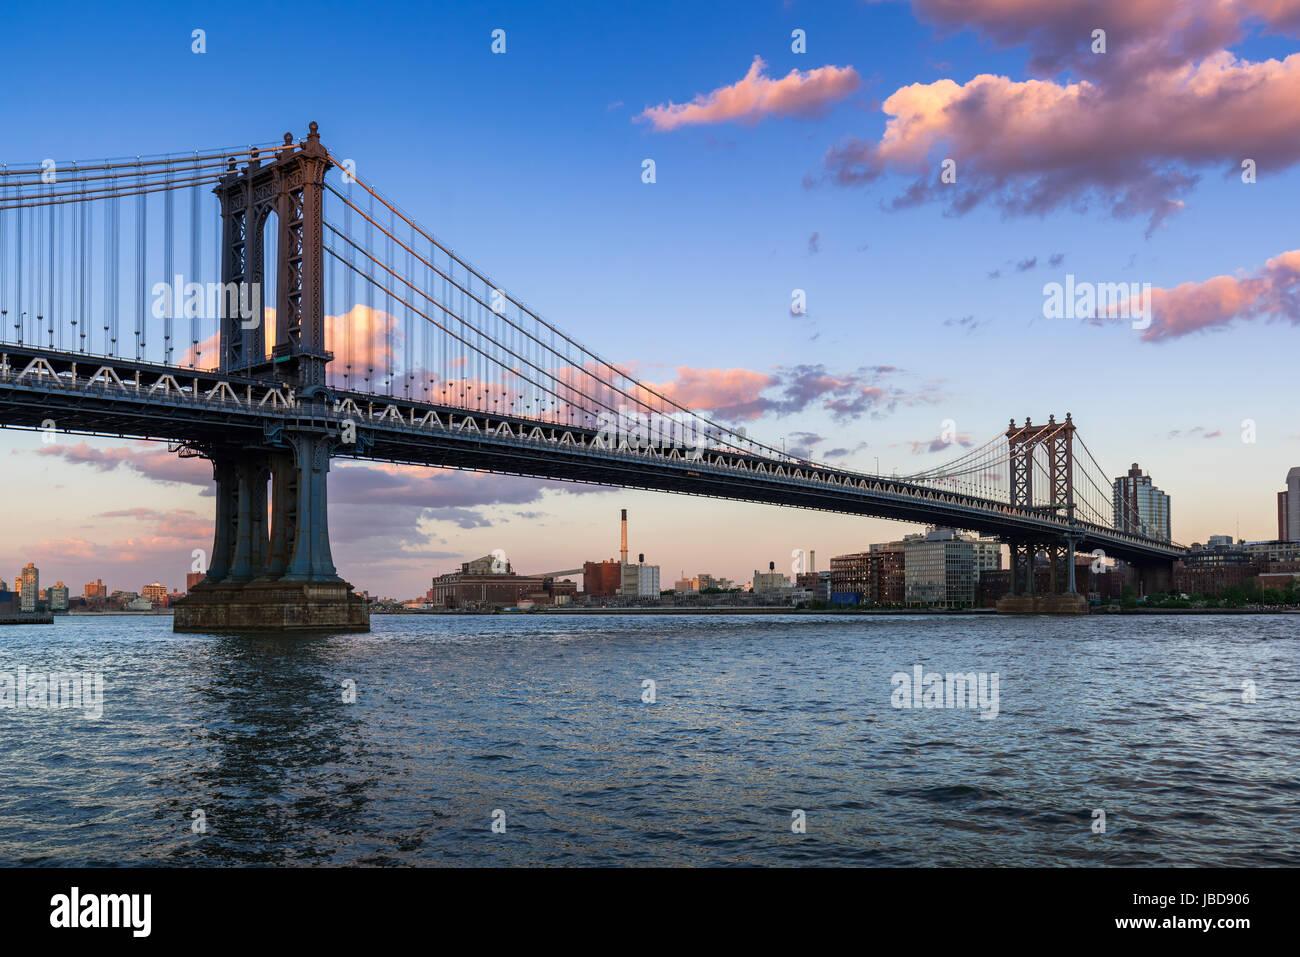 Manhattan Bridge (long-span suspension bridge) oltre l'East River al tramonto con vista di Brooklyn. La città Immagini Stock